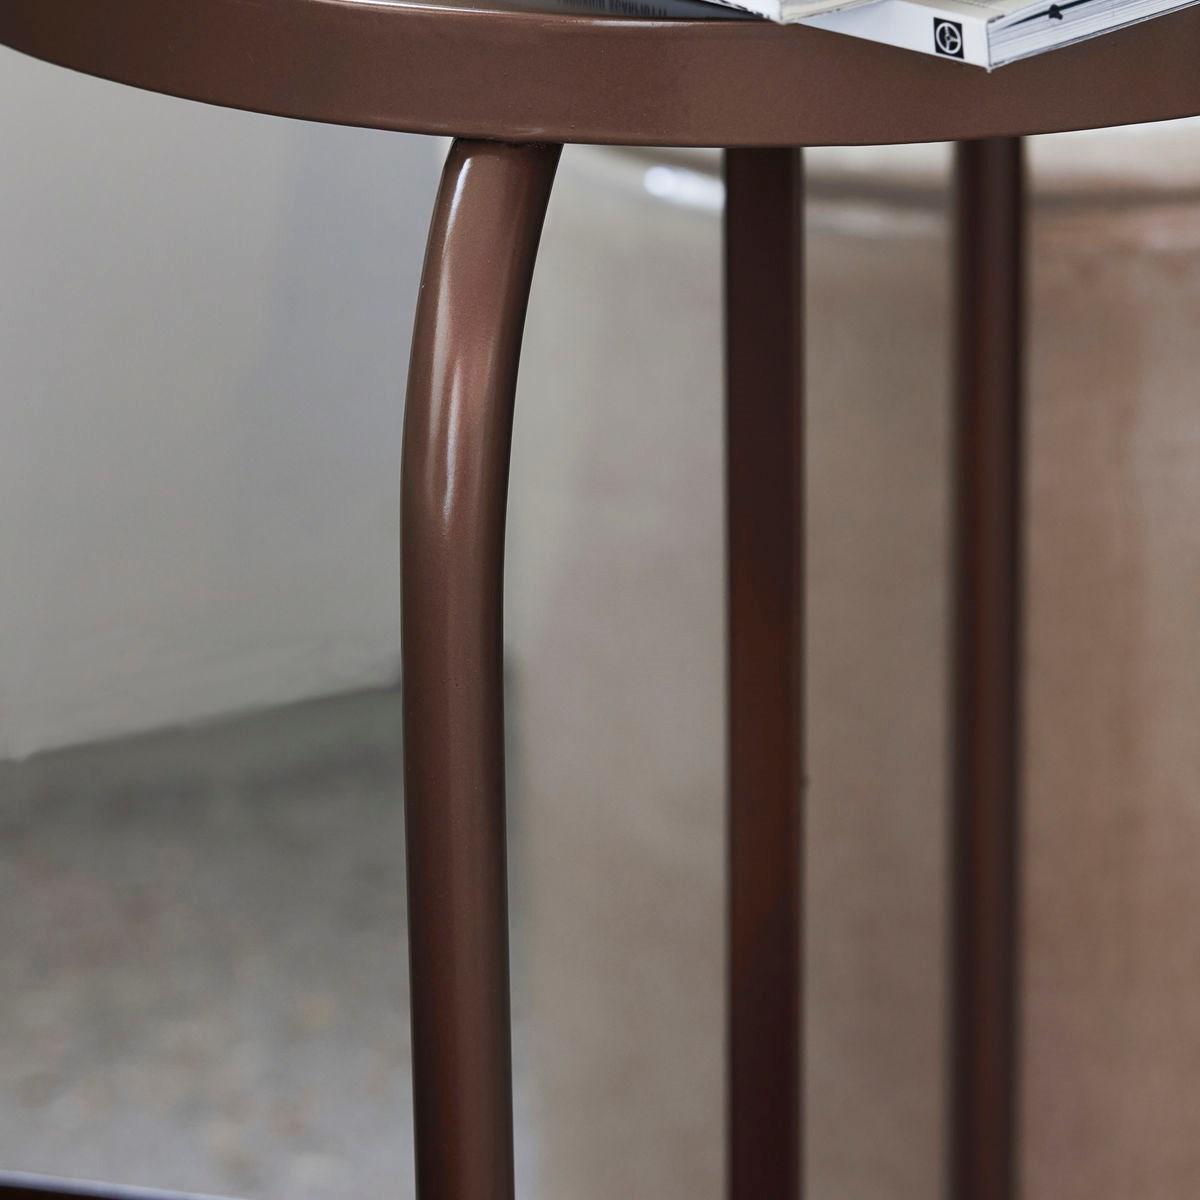 Kovová stolička SHAKER zlatohnědá_1